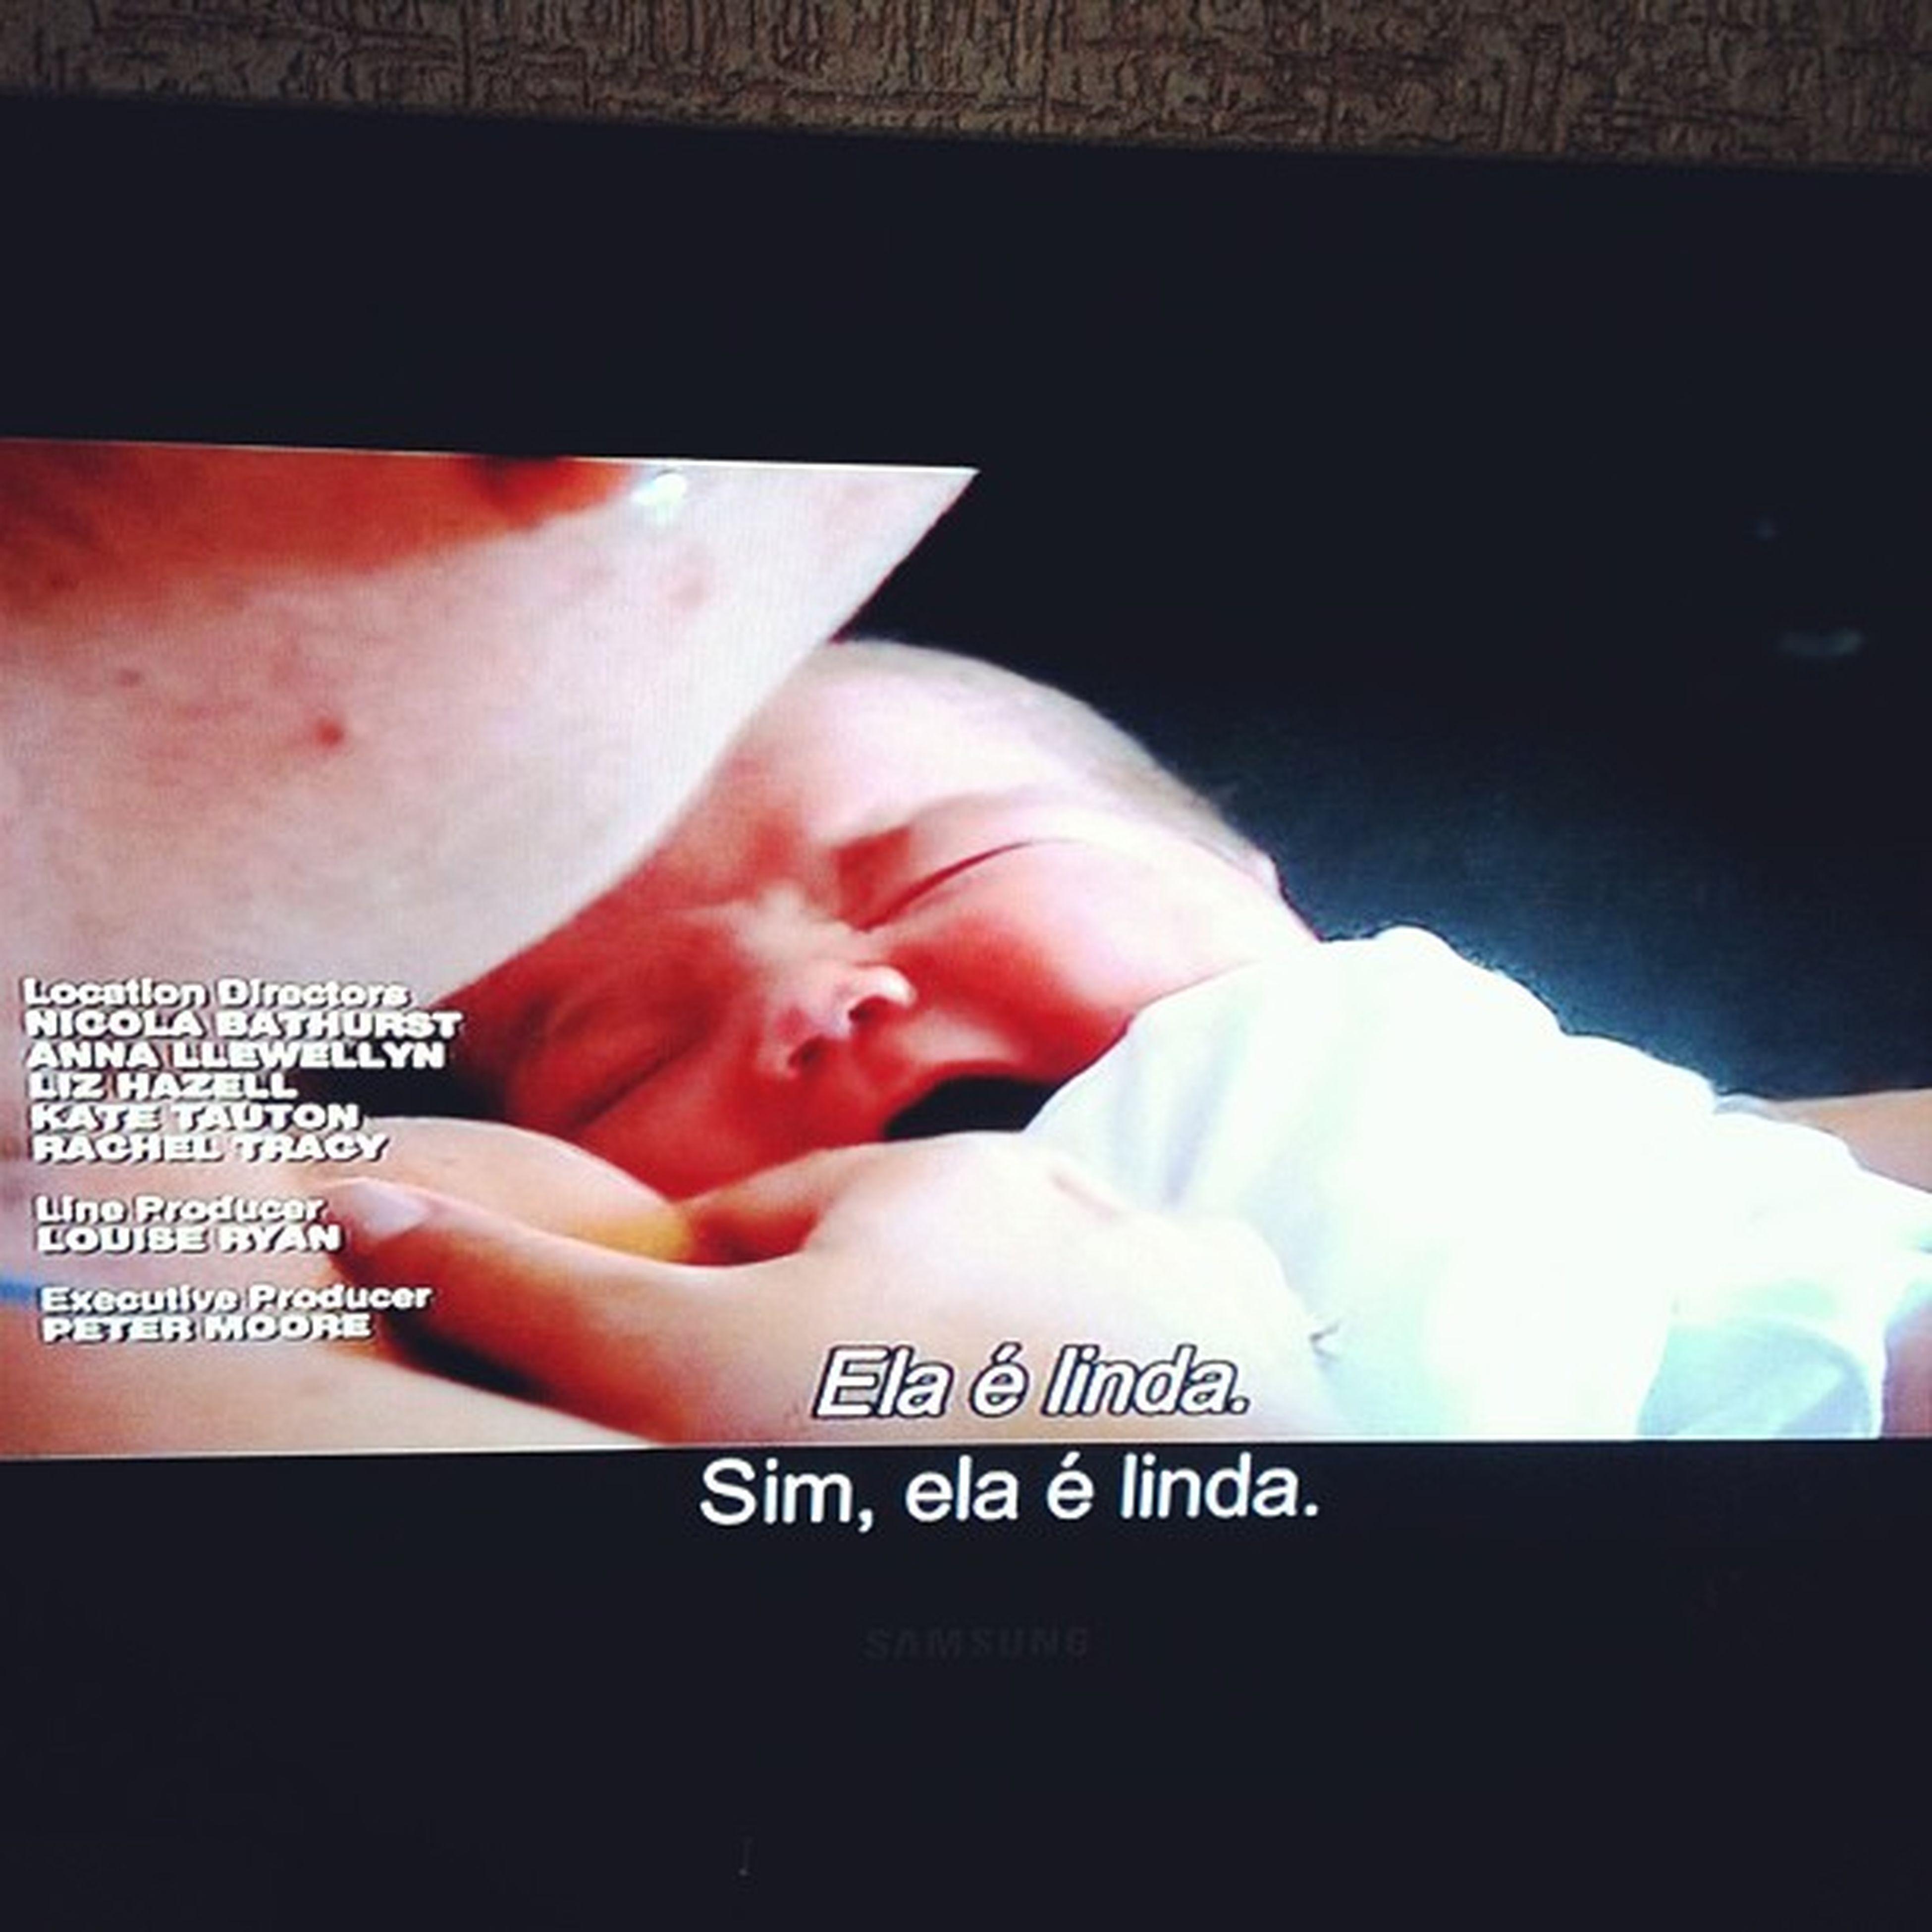 Eu adoro essa série! Um dia serei mãe, e a mãe mais apaixonada do mundo! :) Euchoro Amonen éns Amocrian ça DomDivino sonhoemser ??